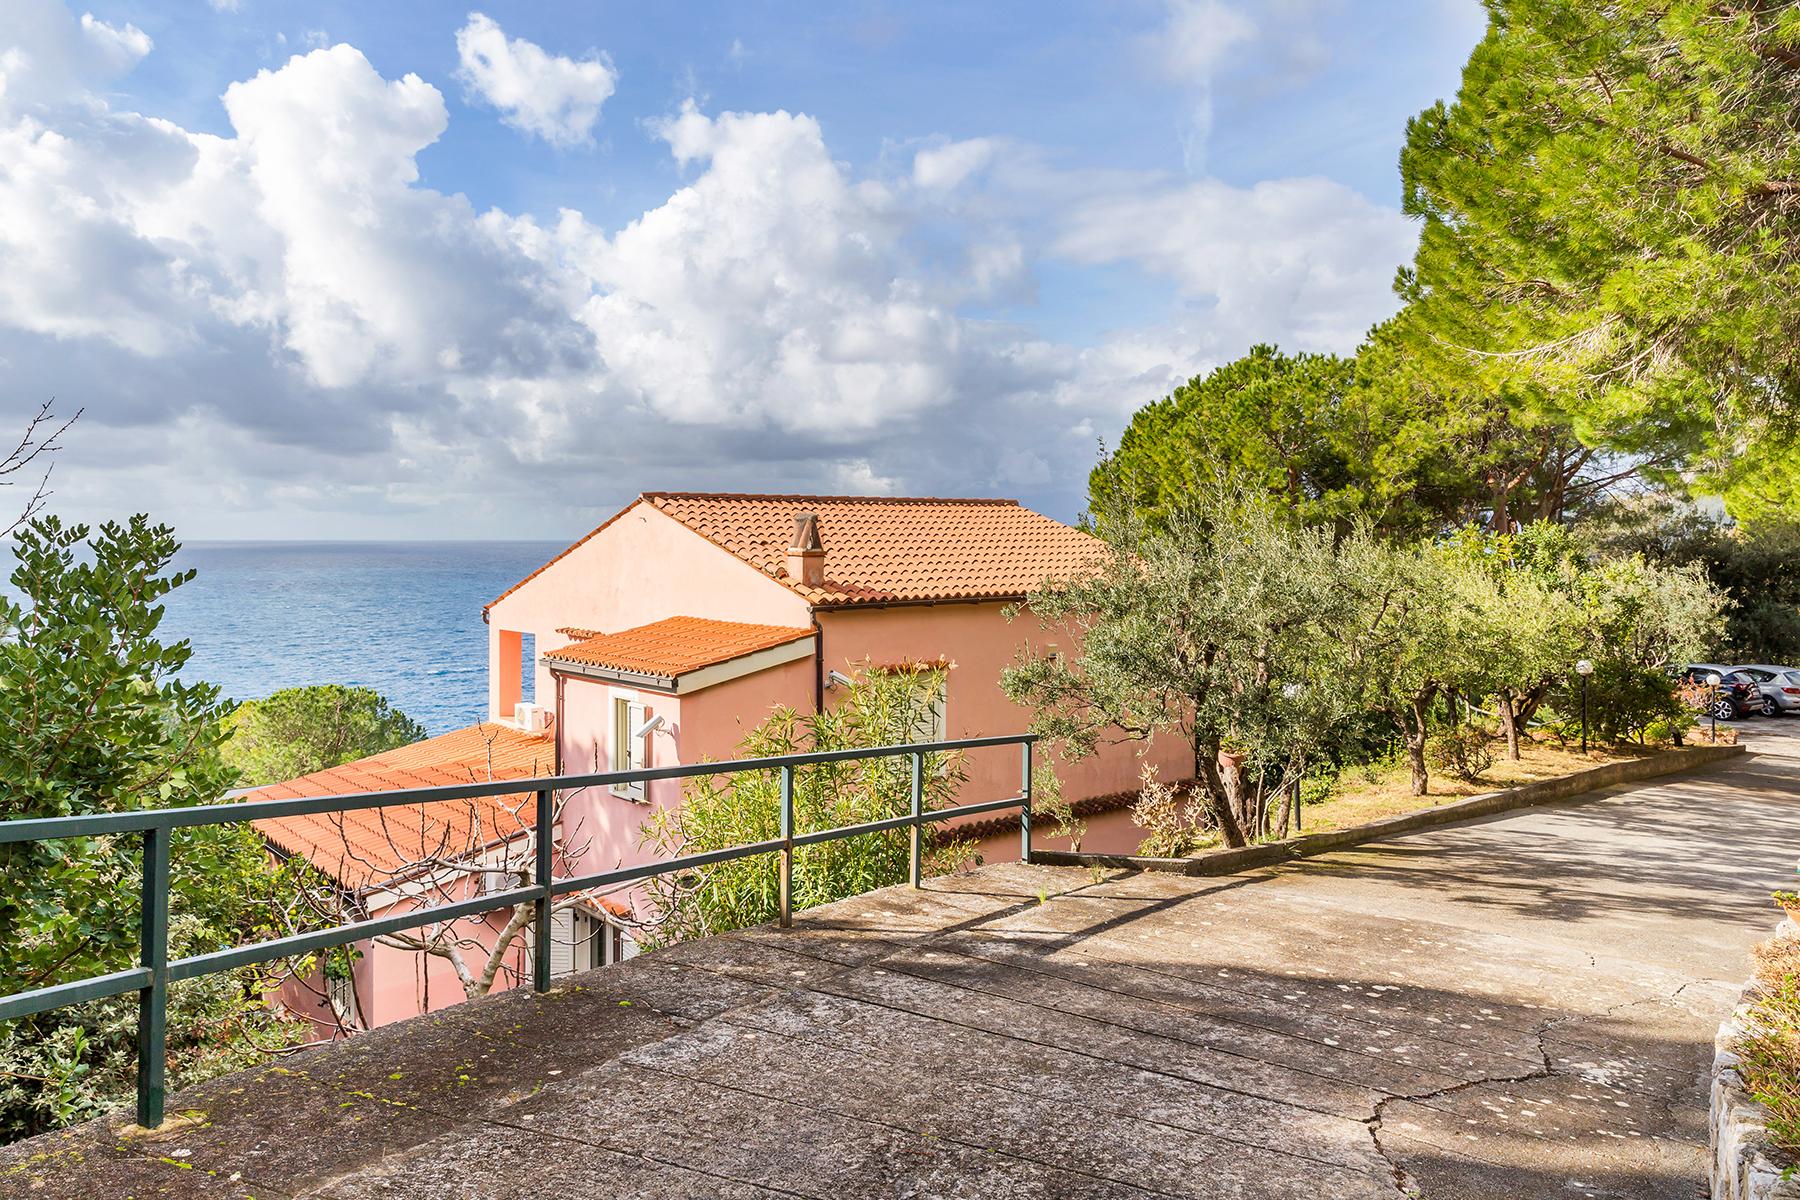 Villa in Vendita a Maratea: 5 locali, 280 mq - Foto 25